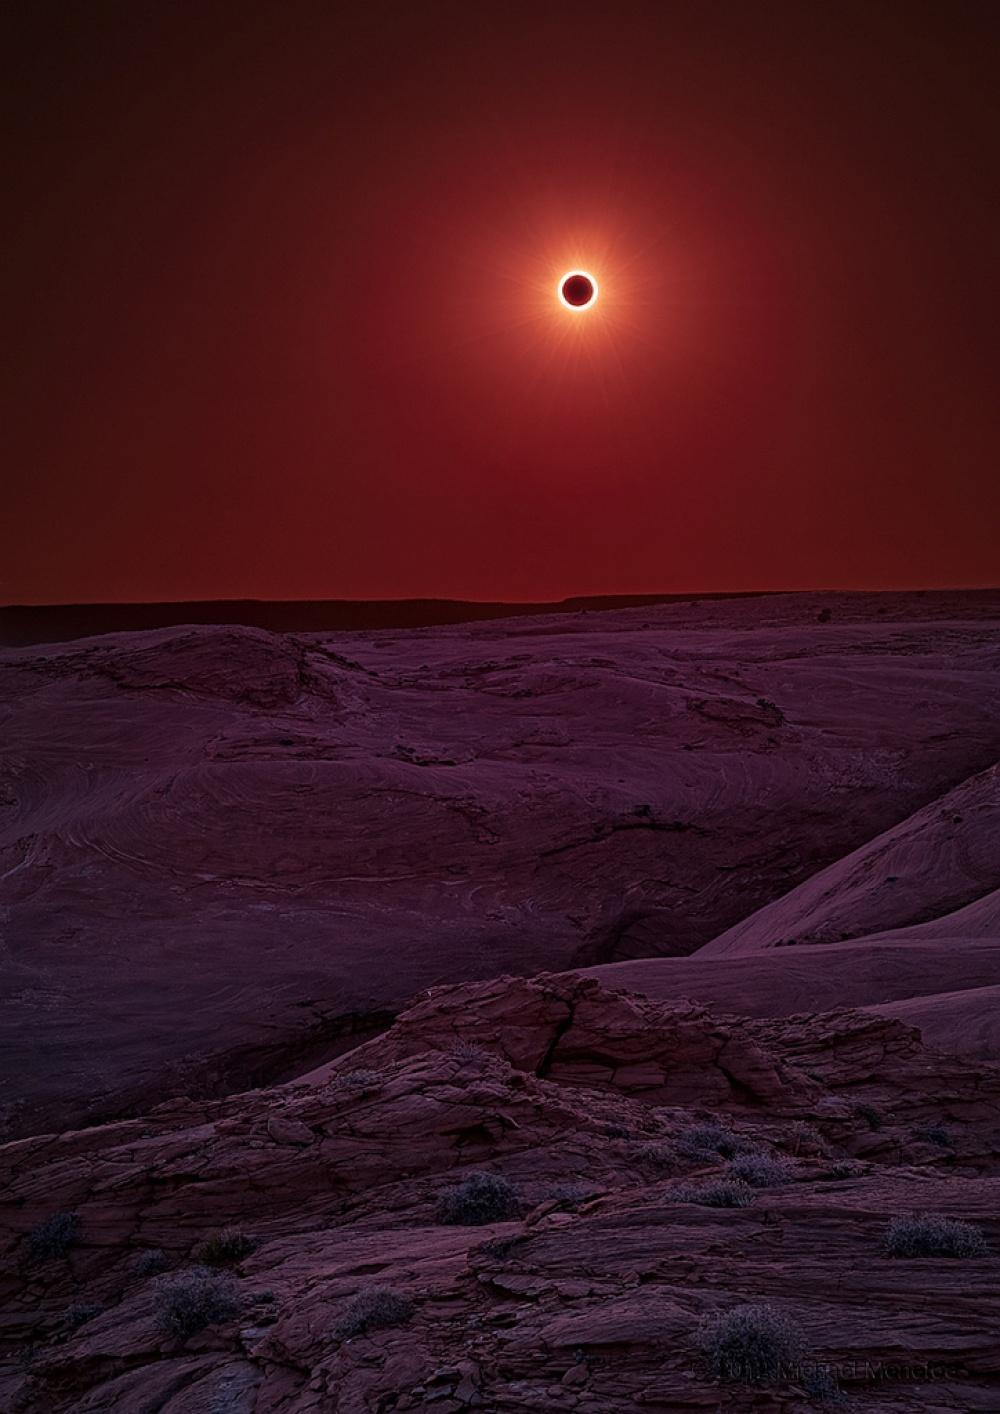 Солнечное затмение в заповеднике Каньон-де-Шей, Аризона. Фото: Michael Menefee